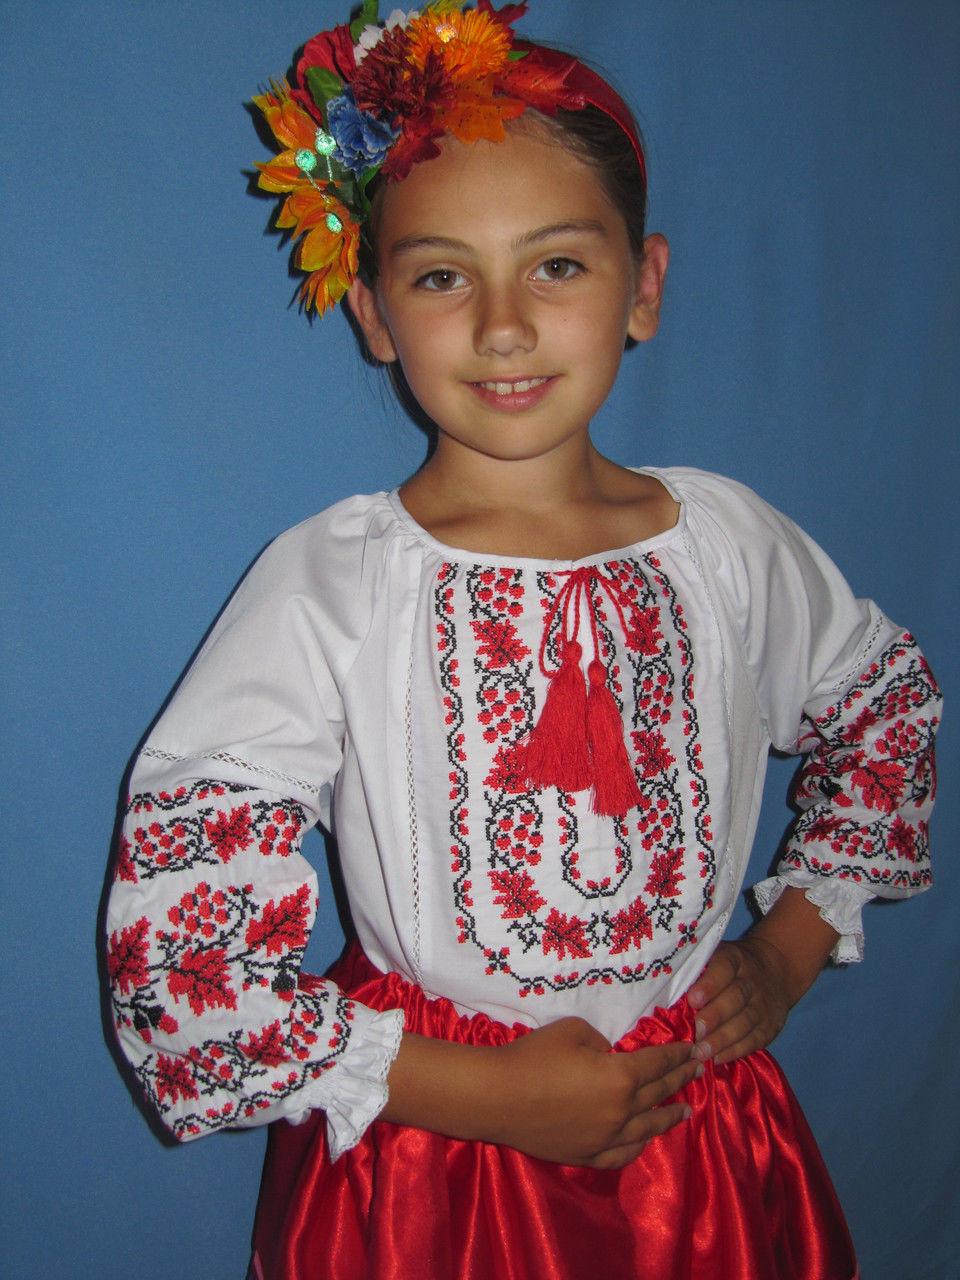 9a5c8f8eedaa8 Вышитая блузка для девочек